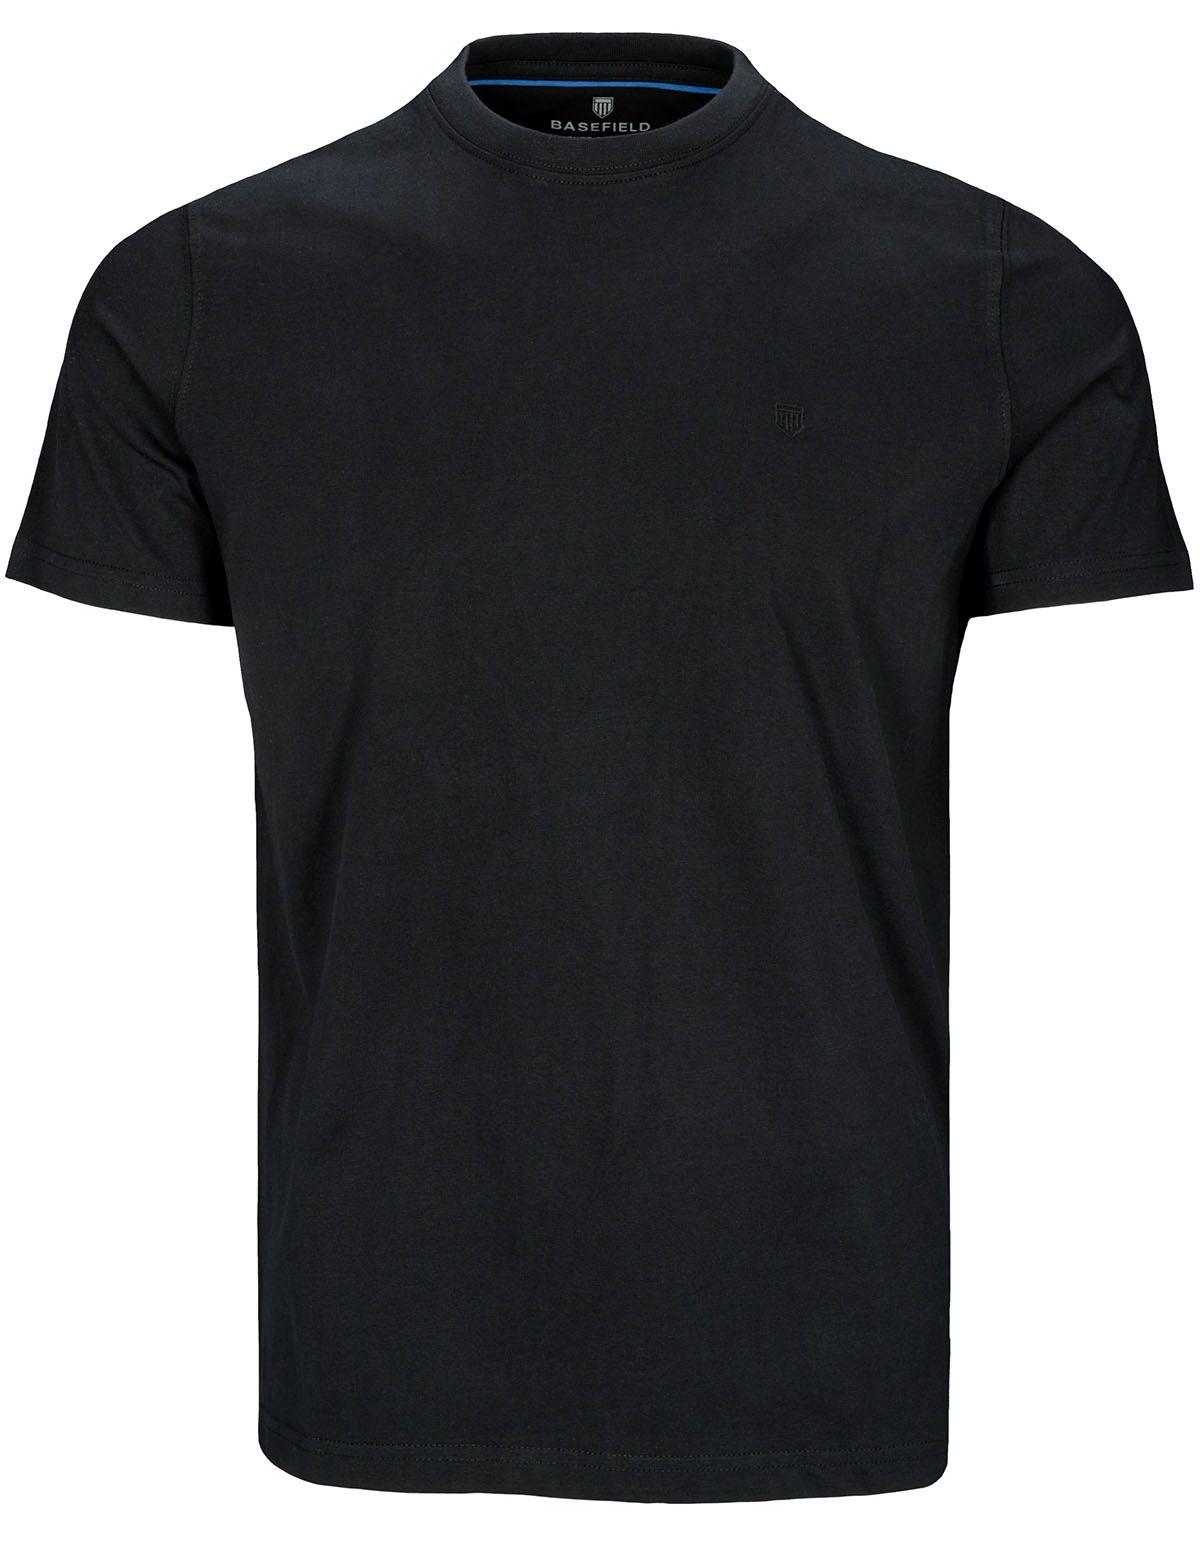 219009086-schwarz__shirt__all